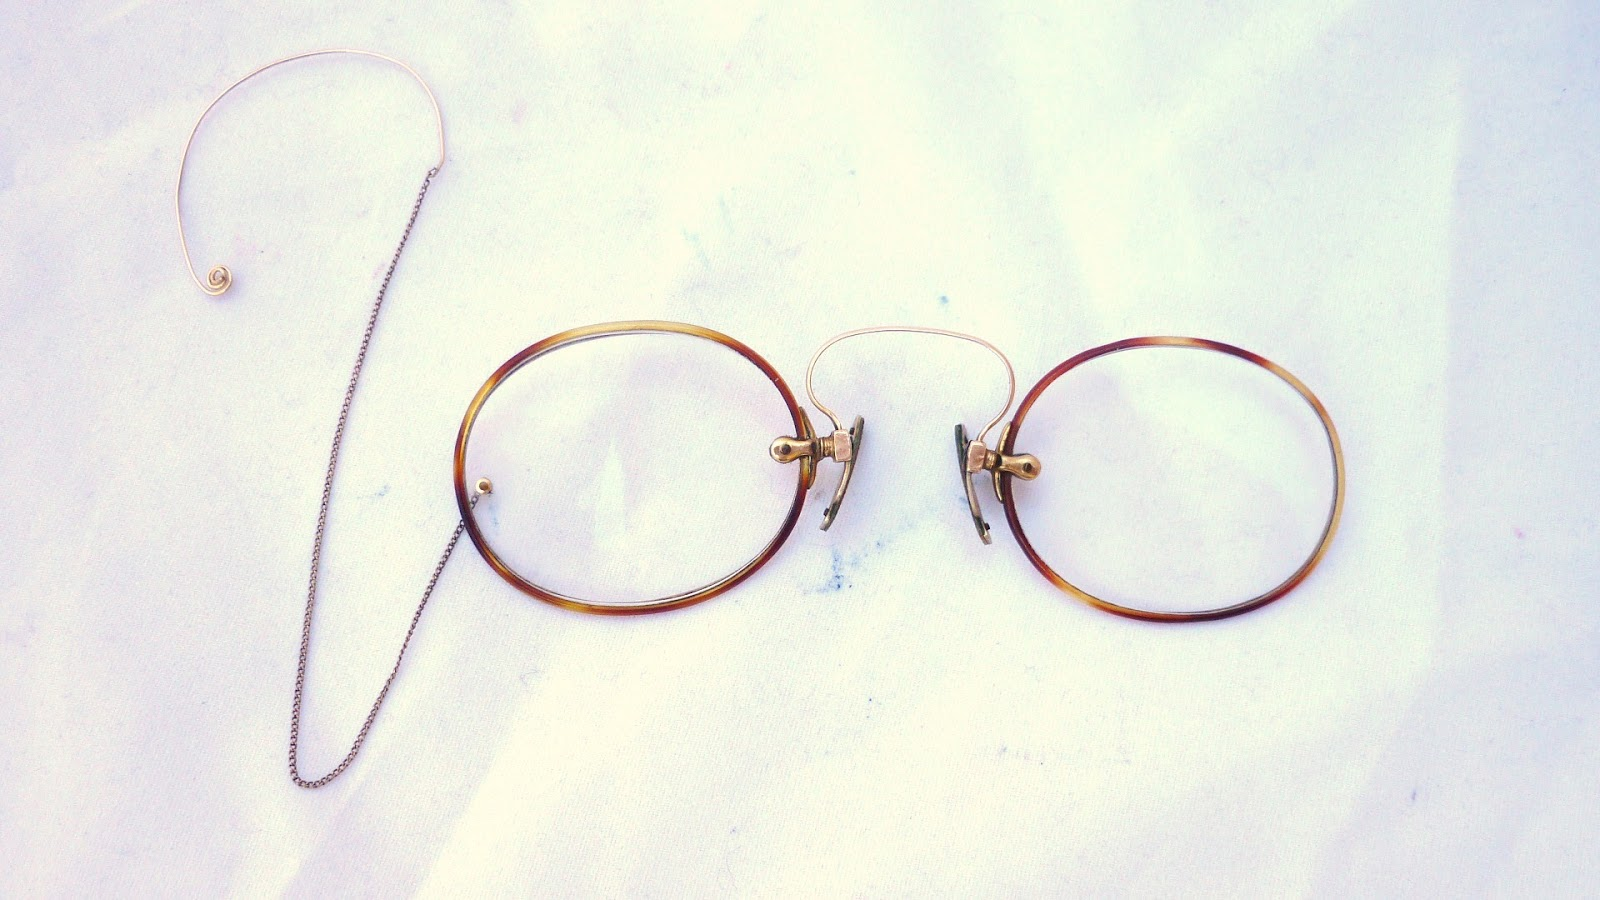 7a1bfac1bd8 Bridge 2.4cm flexible. Chain 12 cm. Antique French Folding Pince Nez  Eyeglasses ...